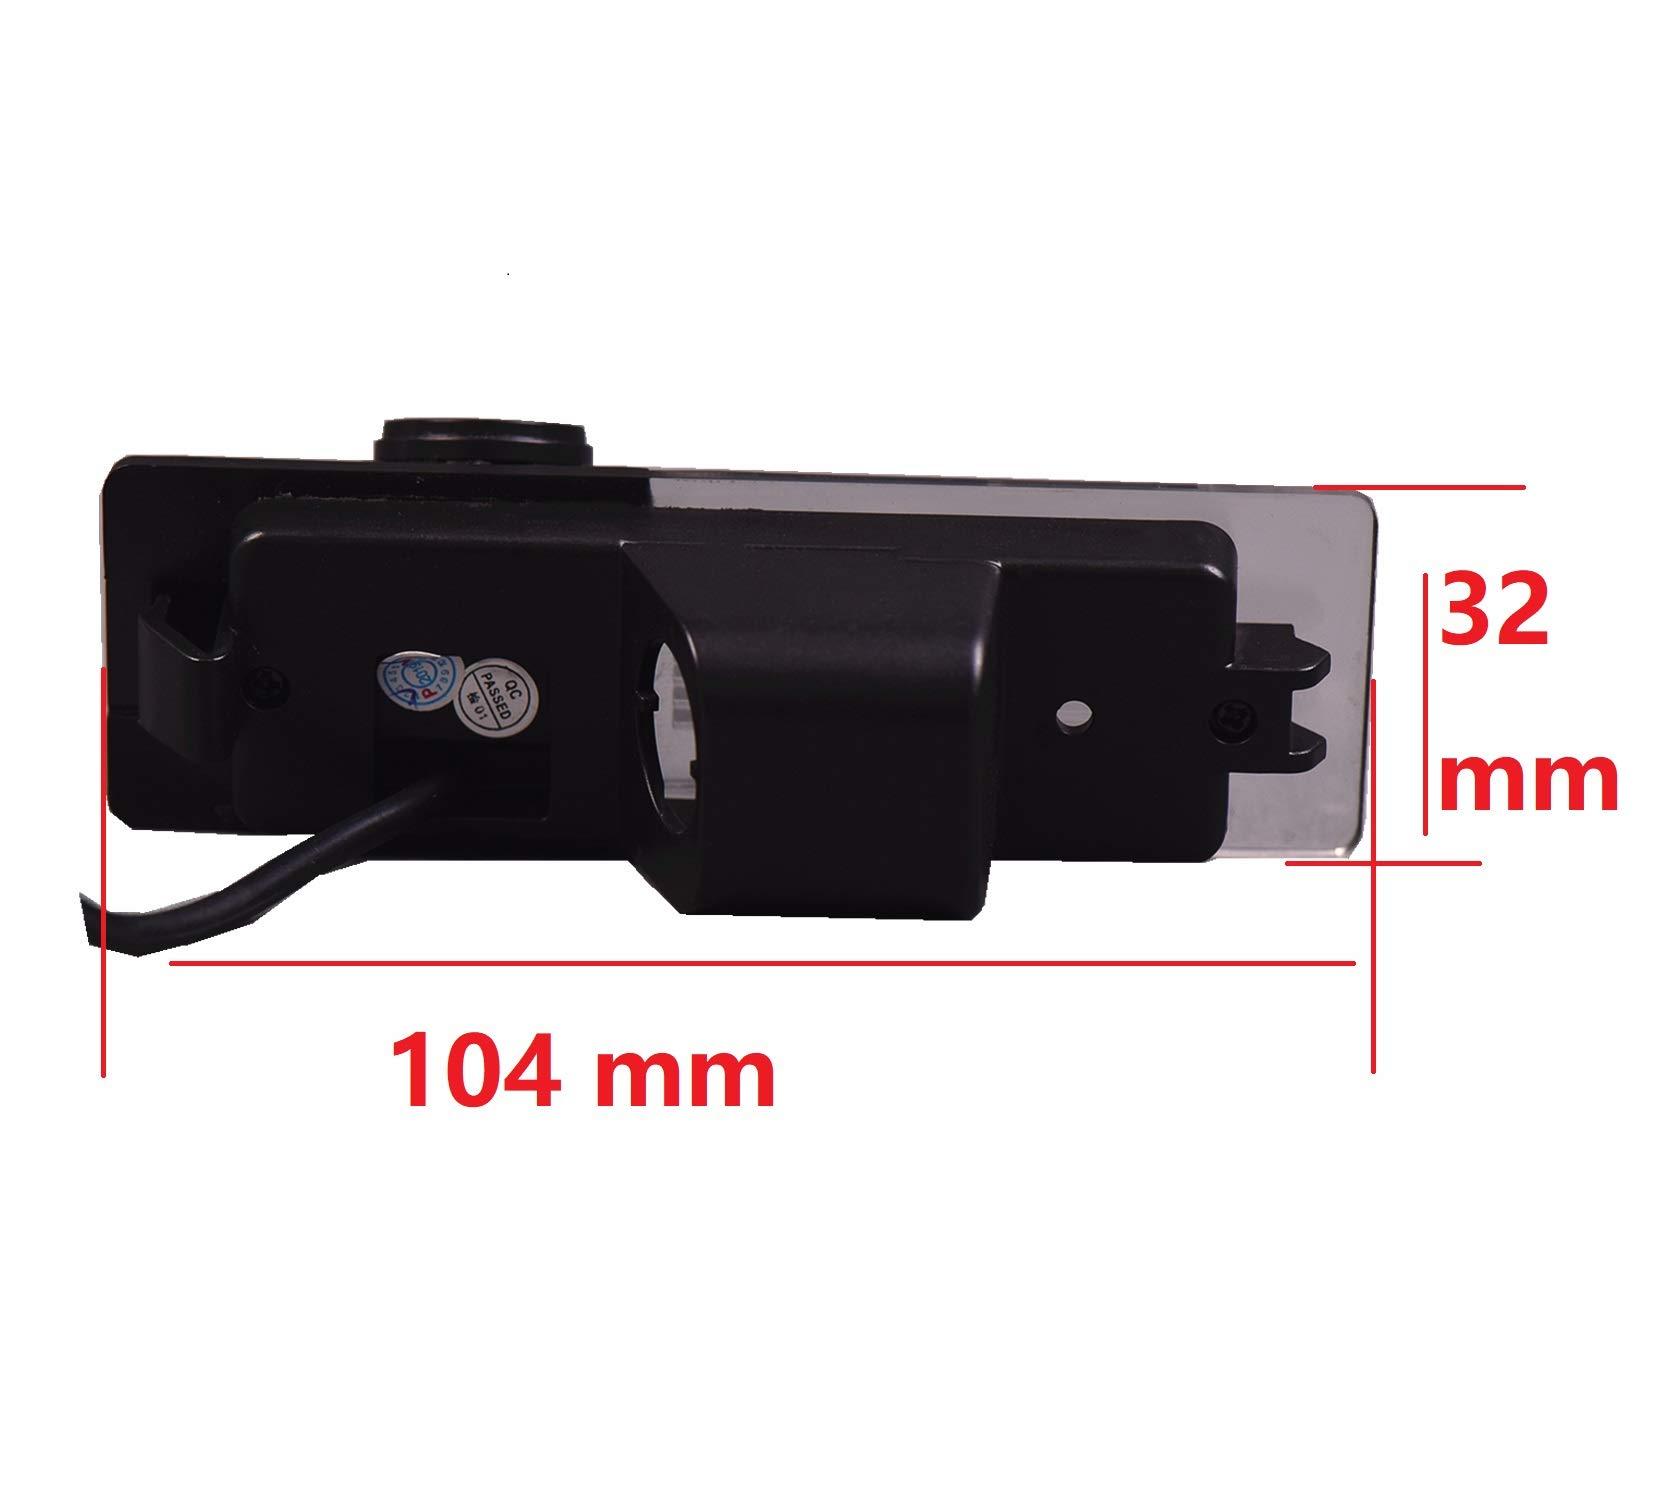 Rckfahrkamera-Rckfahrkamera-Nummernschild-Ersatzkamera-Ip69k-Wasserdicht-fr-BMW-1er-120i-E81-E87-F20-135i-640I